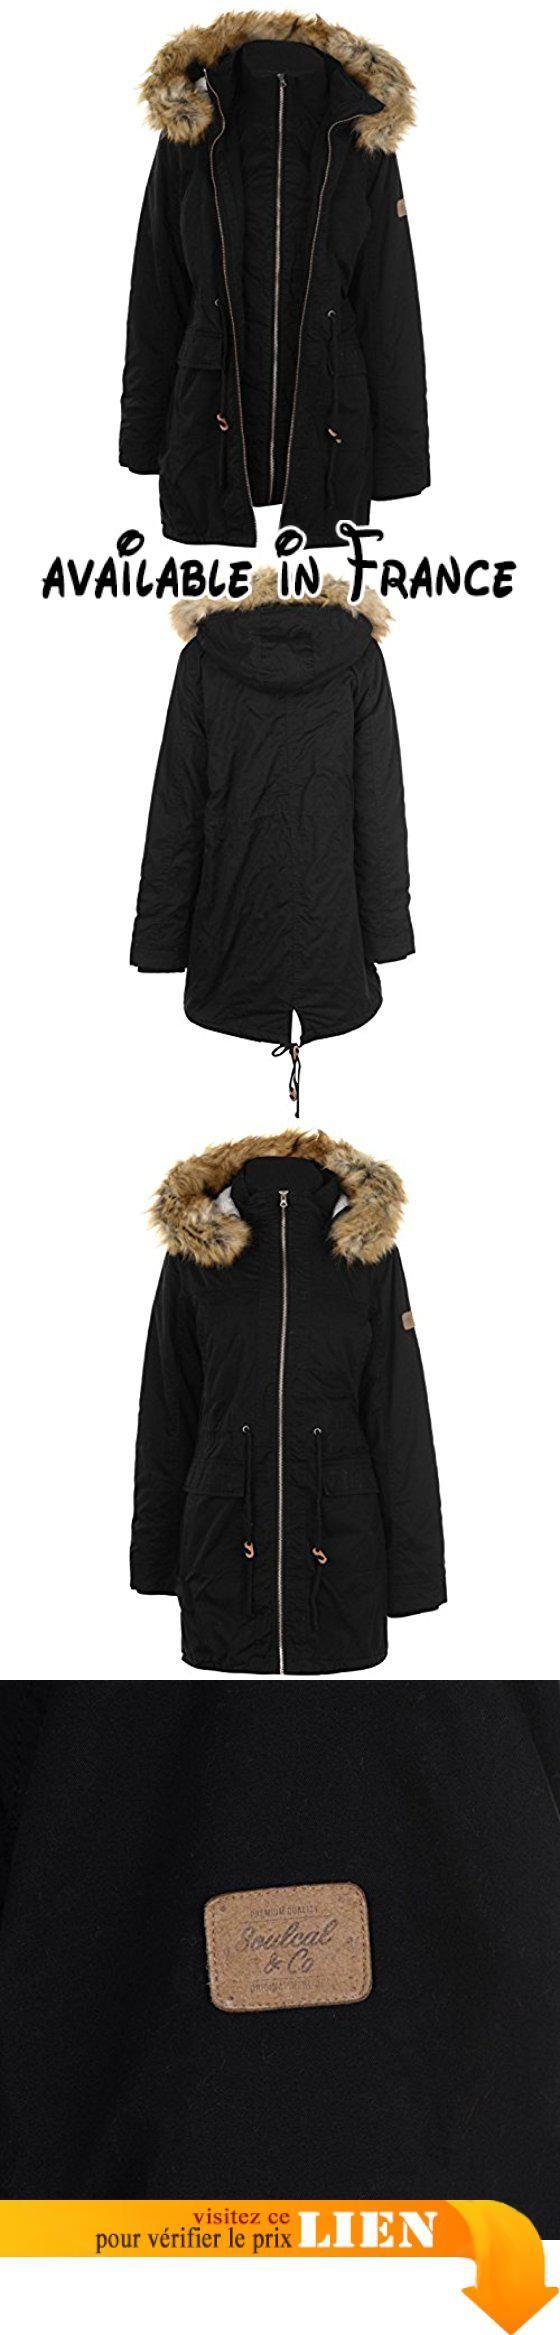 Noir Parka Femme Veste apparel Layer B077q8klmq Soulcal Double L nqIFawaYgx